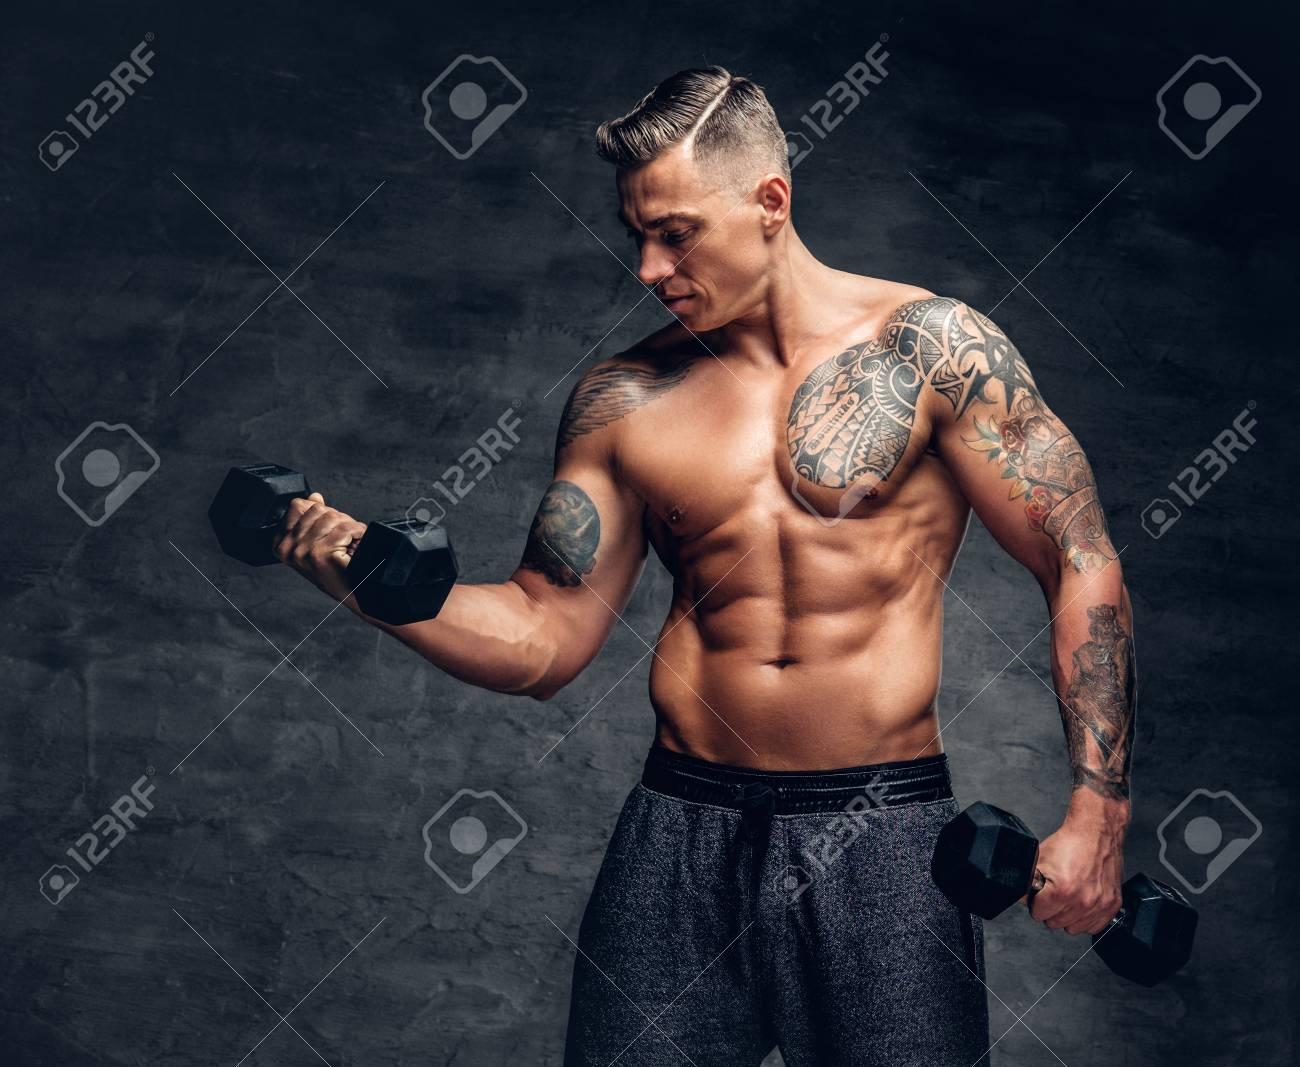 Athletique Homme Torse Nu Muscle Avec Tatouage Sur Sa Poitrine